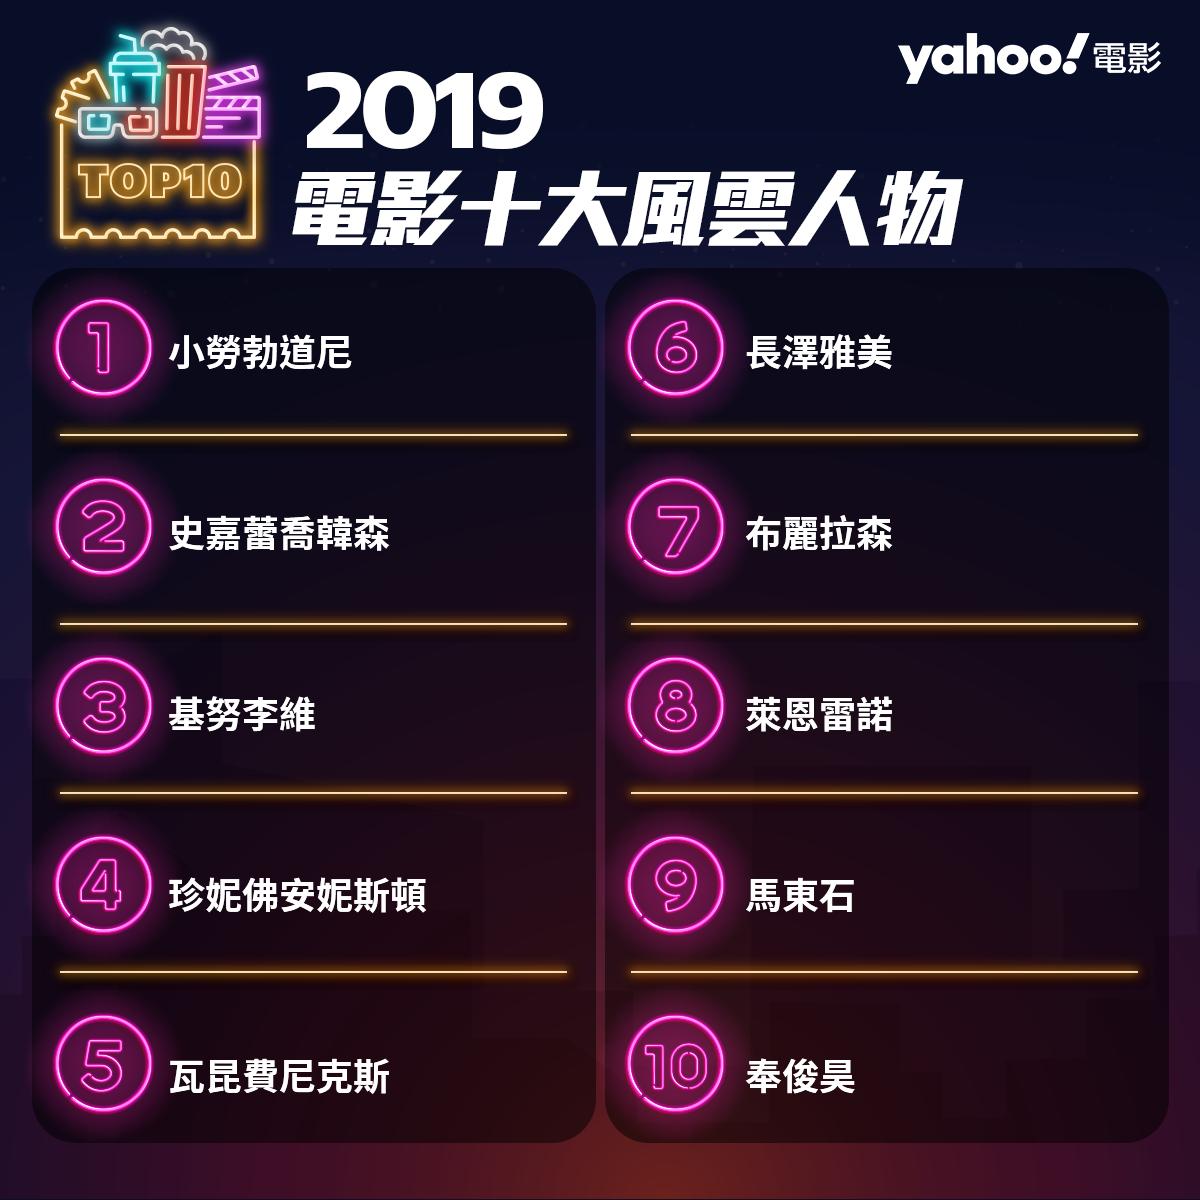 2019 Yahoo電影十大風雲人物揭曉